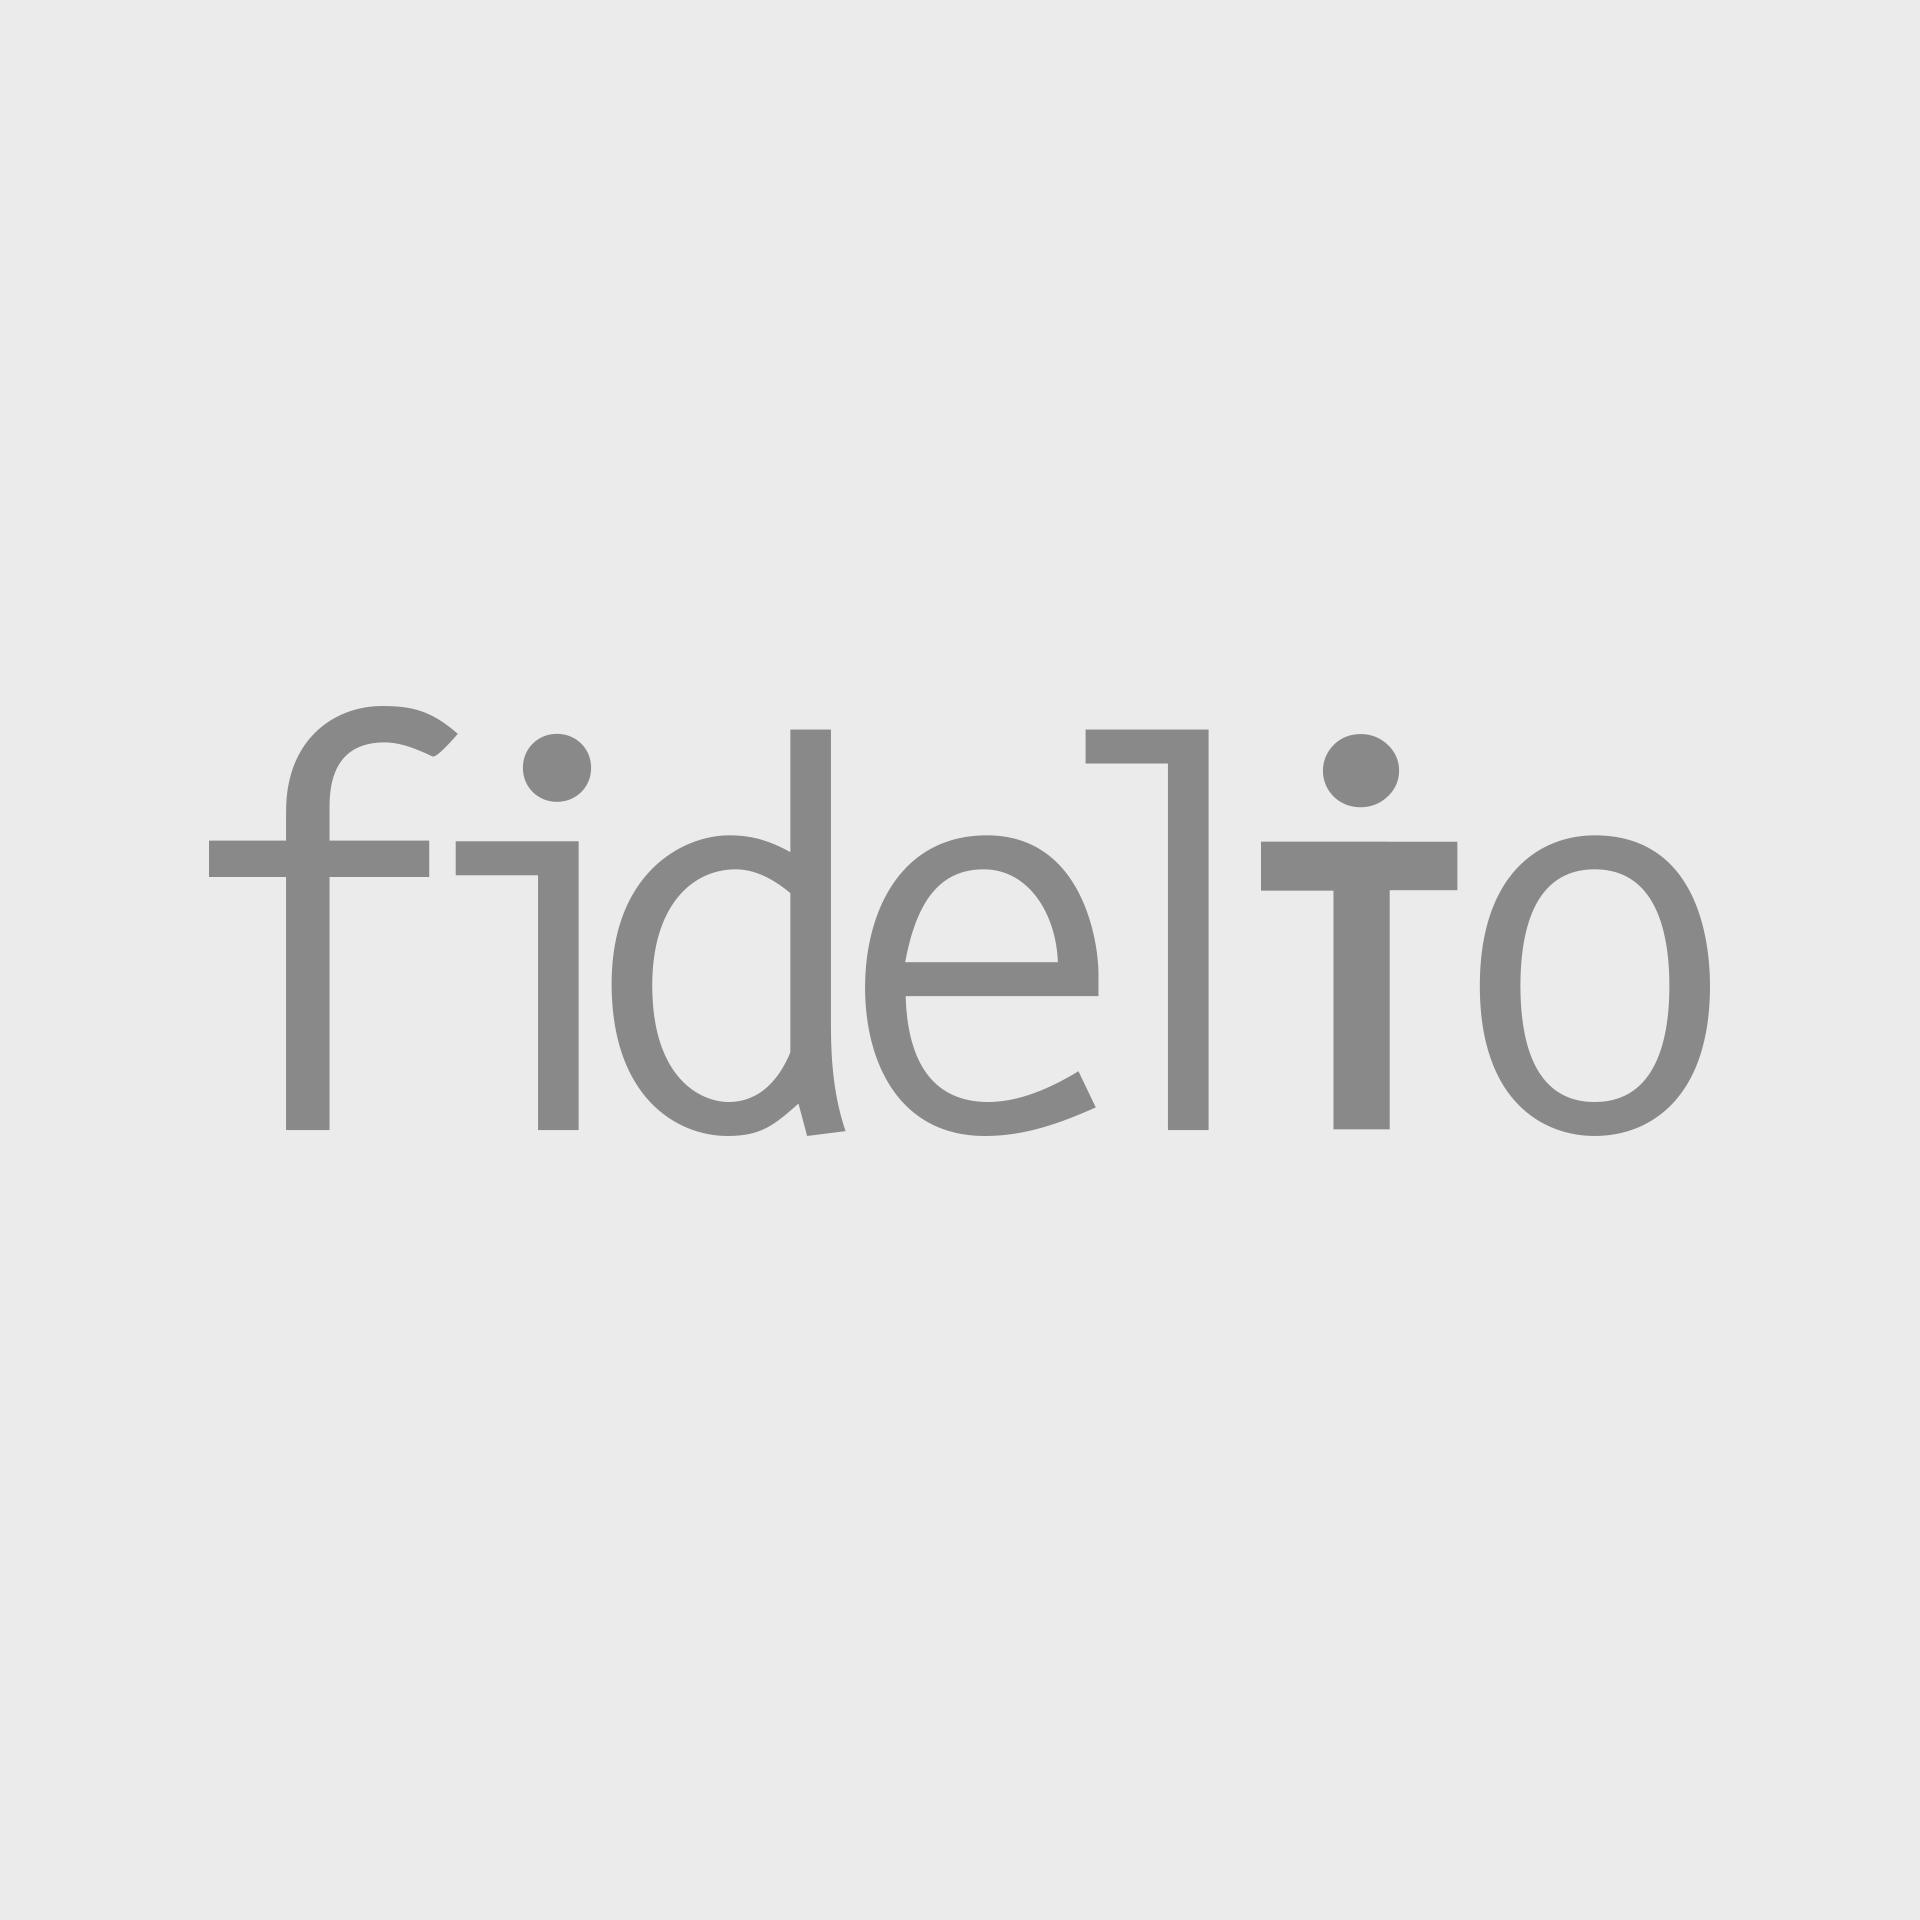 Fidelio Napi Zene – Rimszkij-Korszakov: A dongó